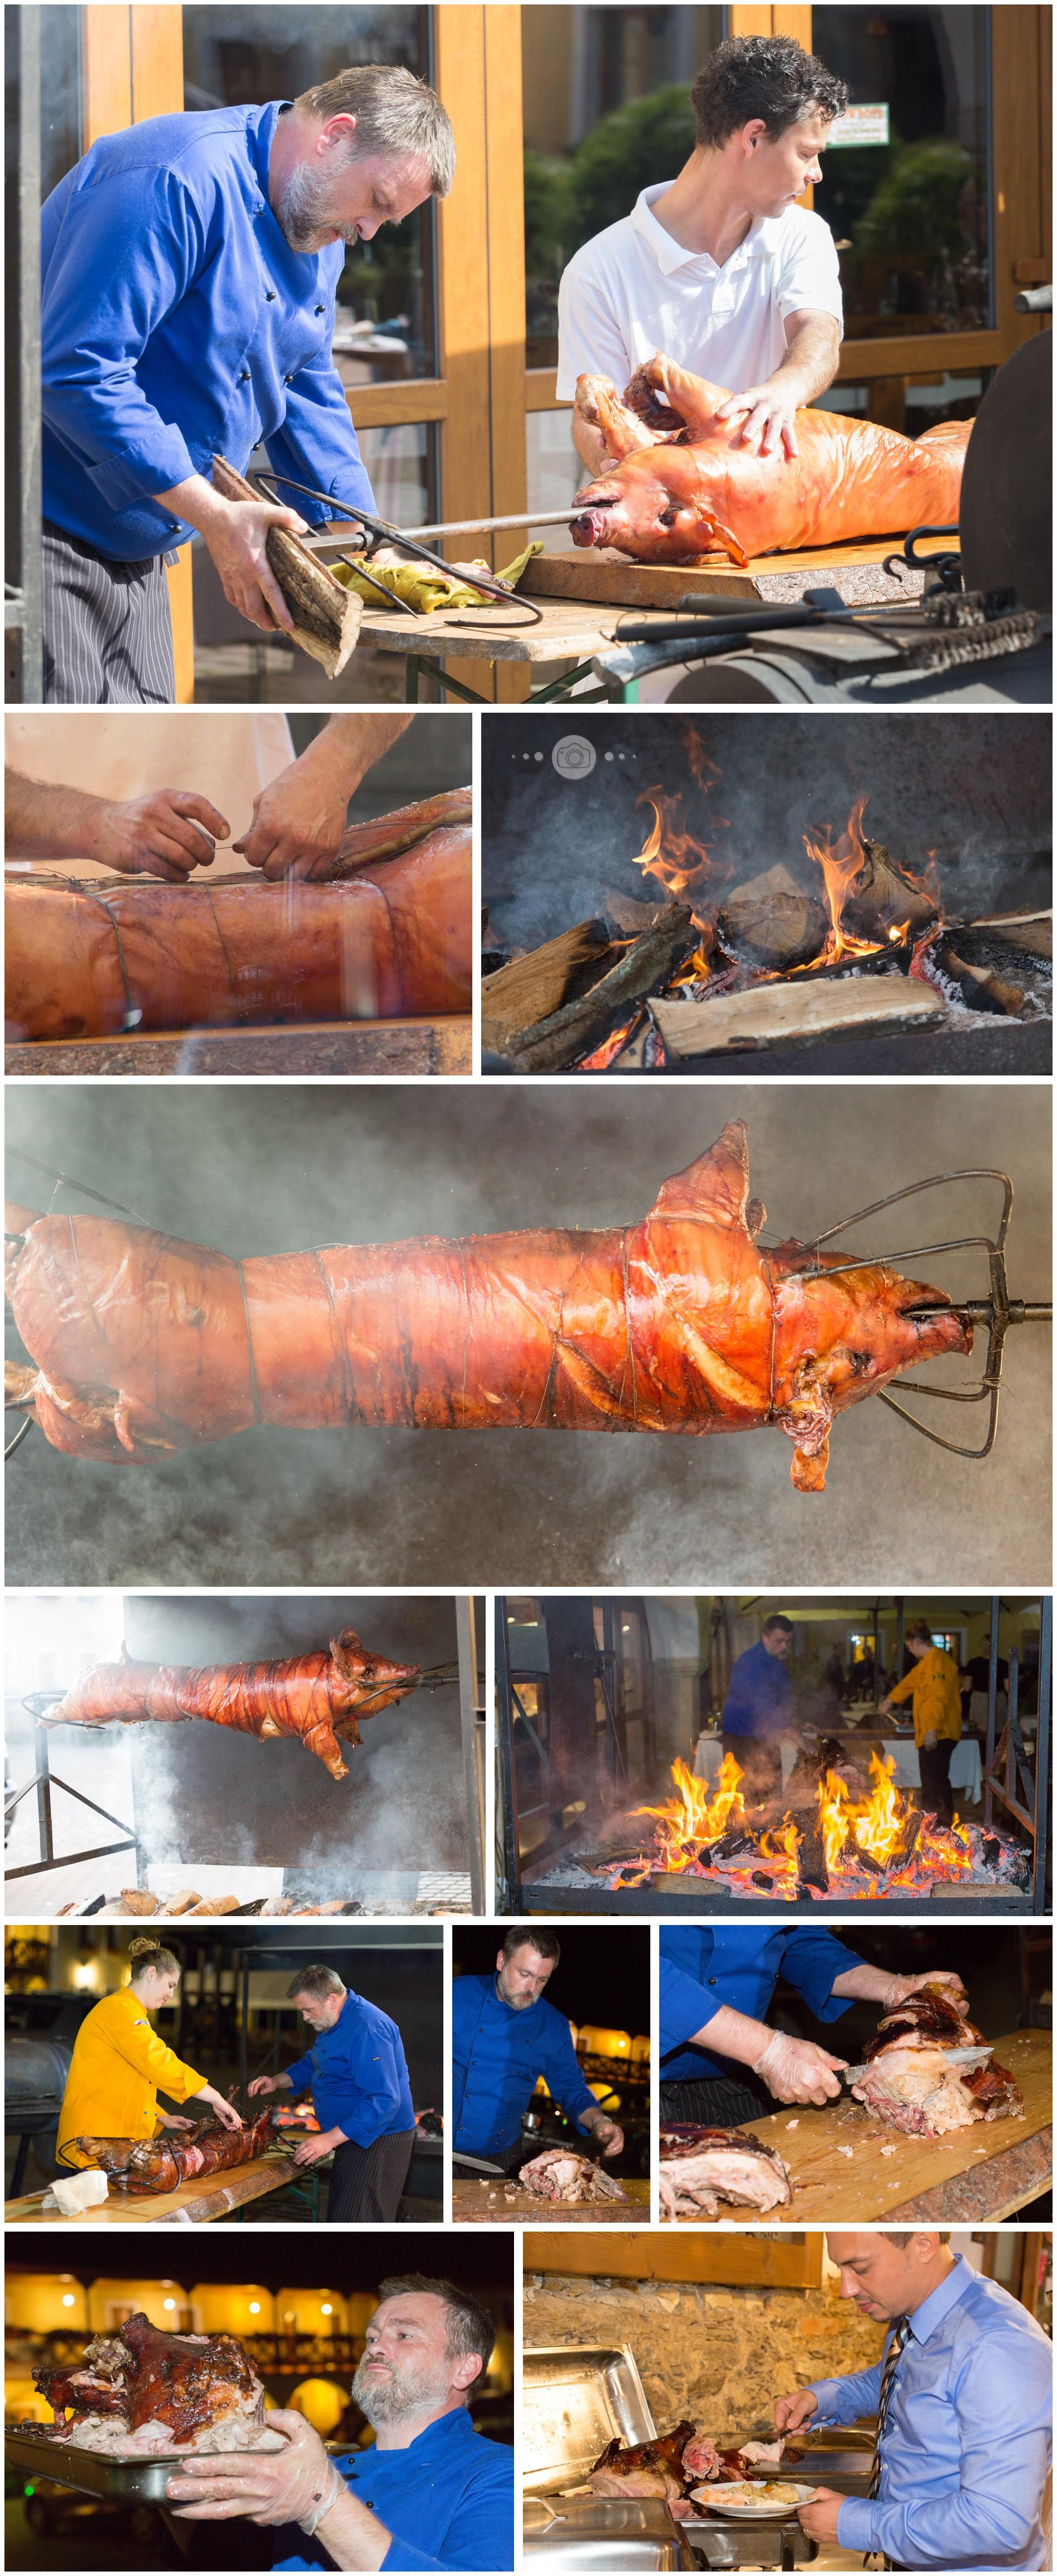 zubereitung eines geräucherten Schweines auf einer internationalen Hochzeit